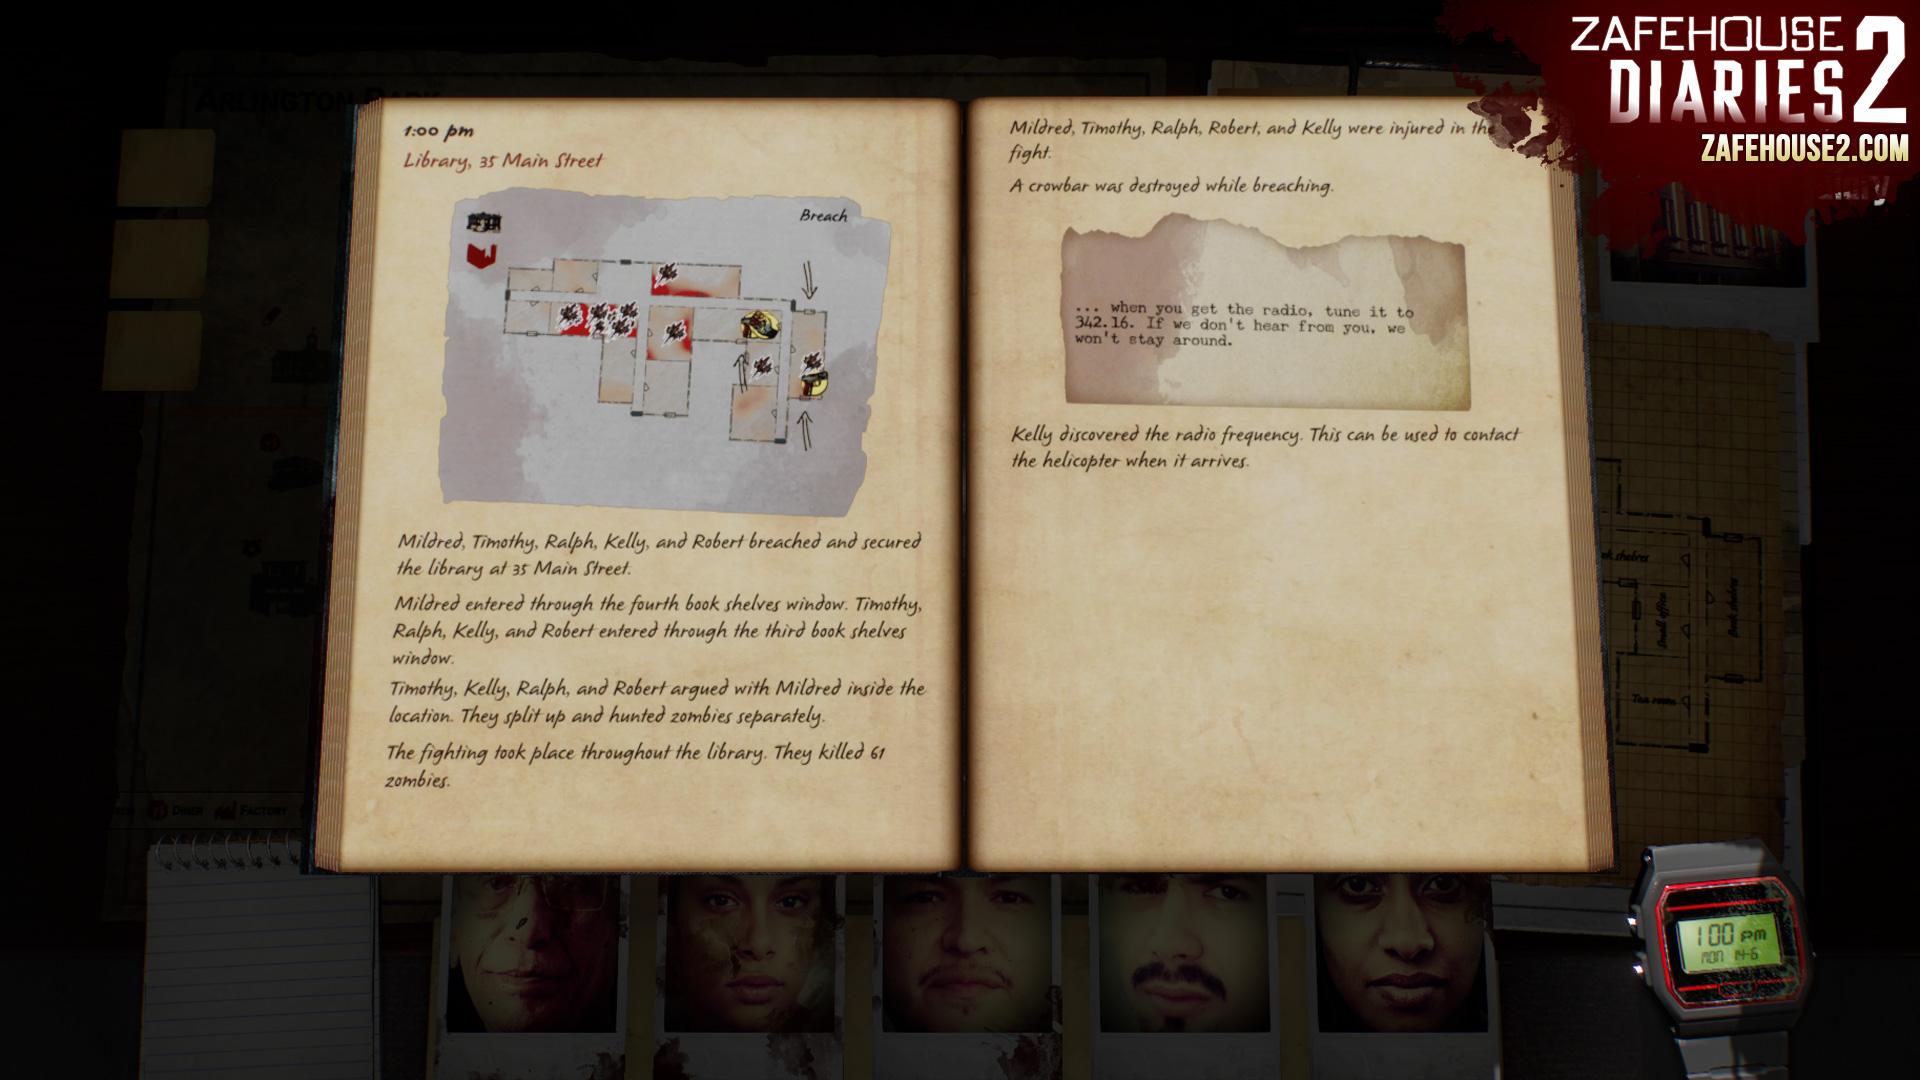 Zafe家的日记2 游戏截图